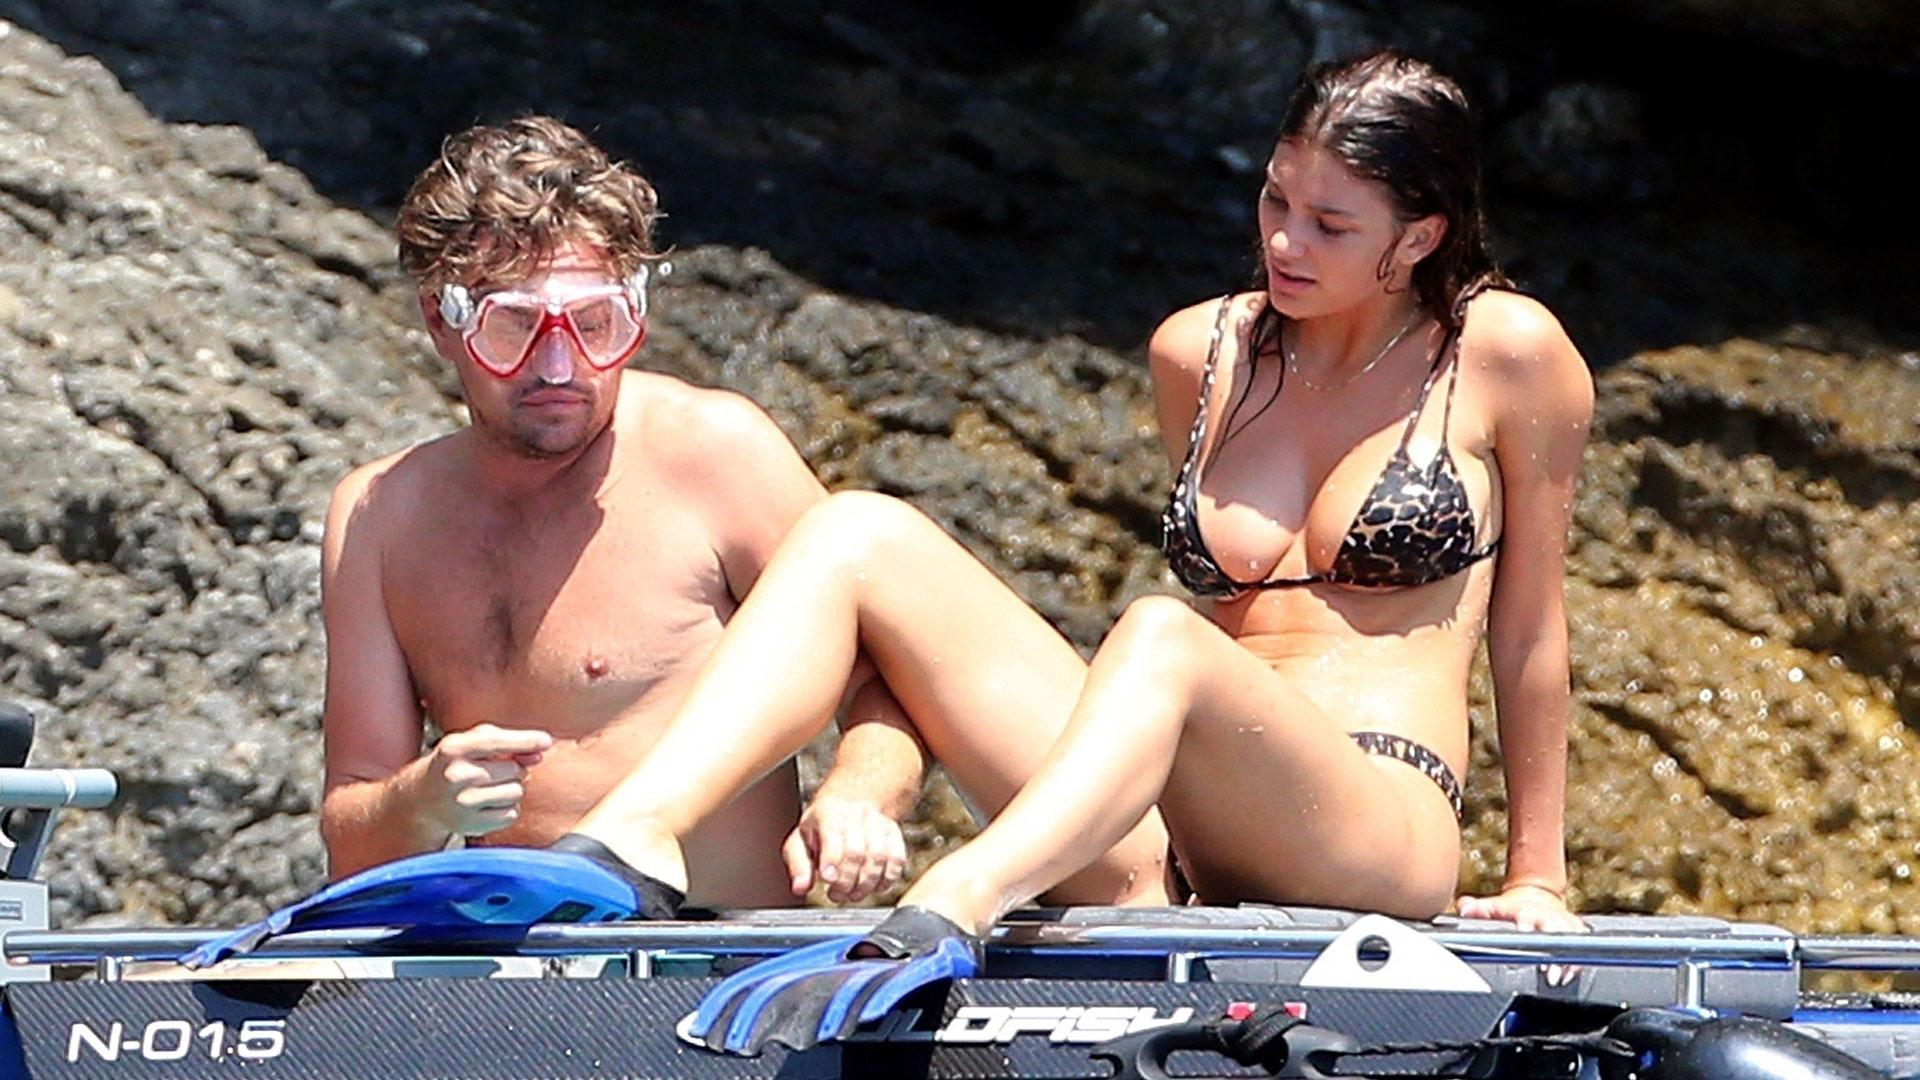 Leonardo DiCaprio y Camila Morrone realizaron una escapada romántica en Italia. El actor y la modelo argentina están en pareja desde fines de 2017 (Grosby Group)